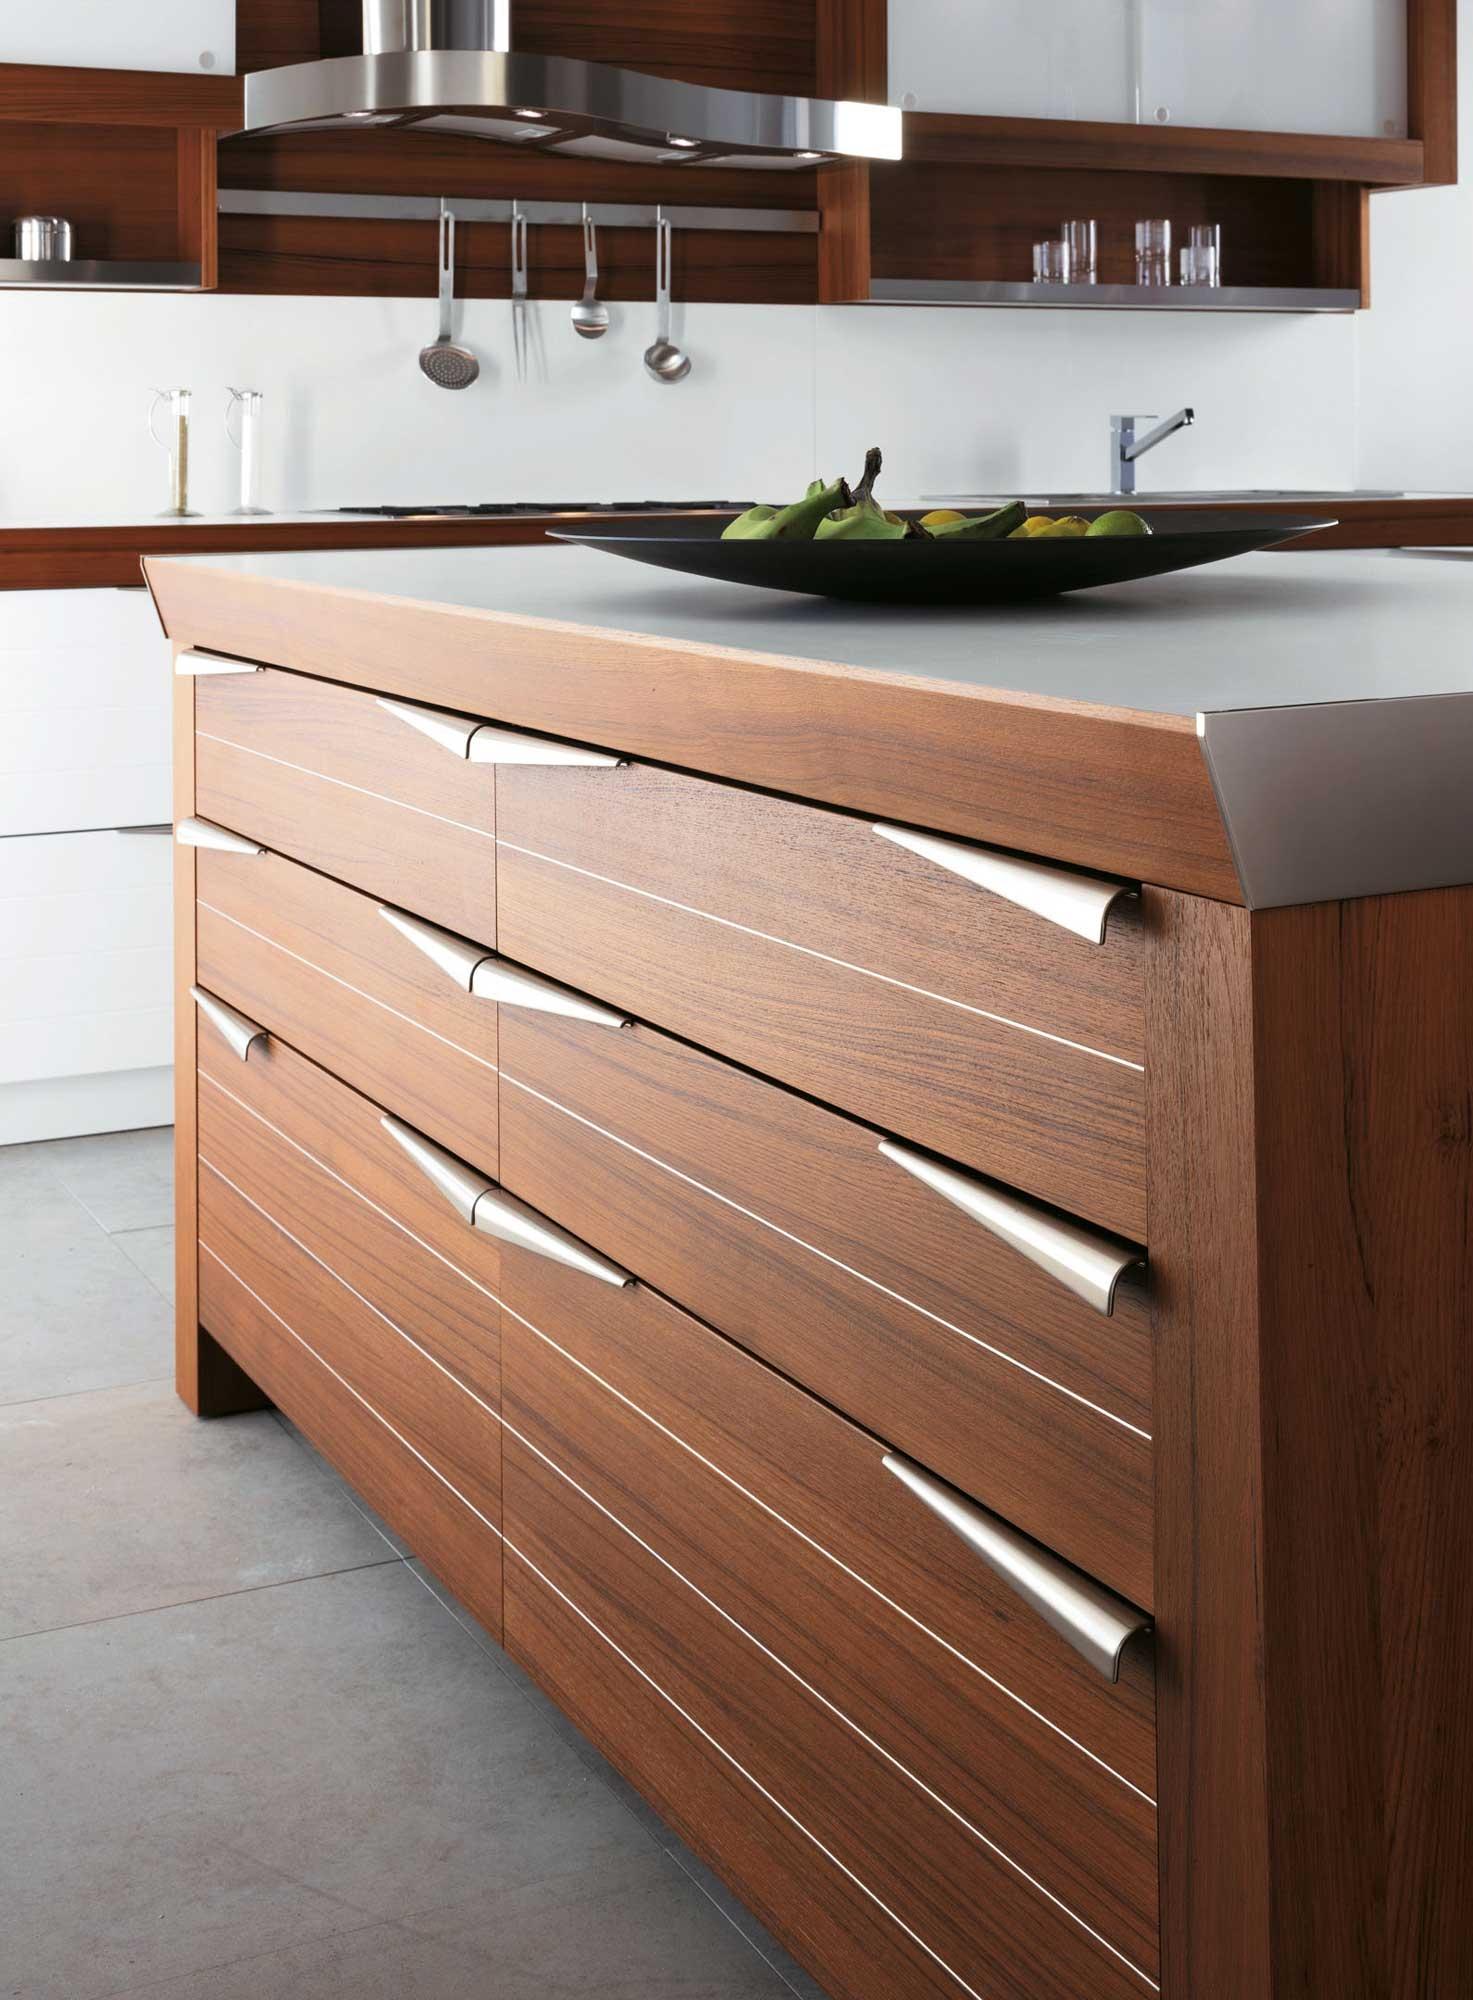 Современный дизайн кухонного гарнитура: ящики с удобными ручками